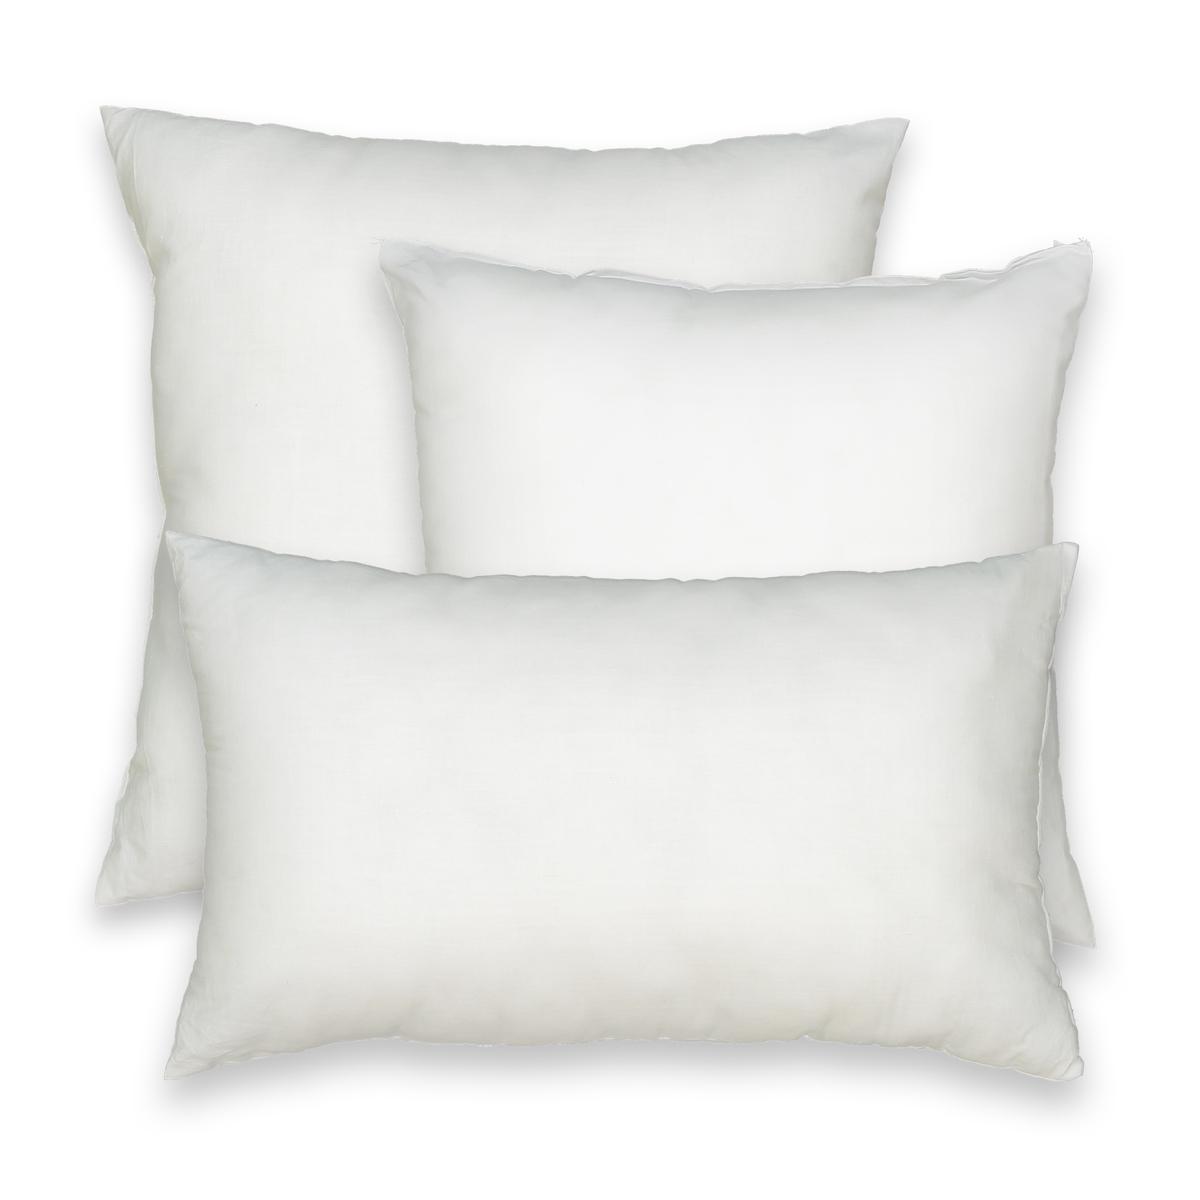 Подушка с наполнителем, TERRA лежанка для животных gamma конфетти лазурь круглая 40 x 40 x 14 см